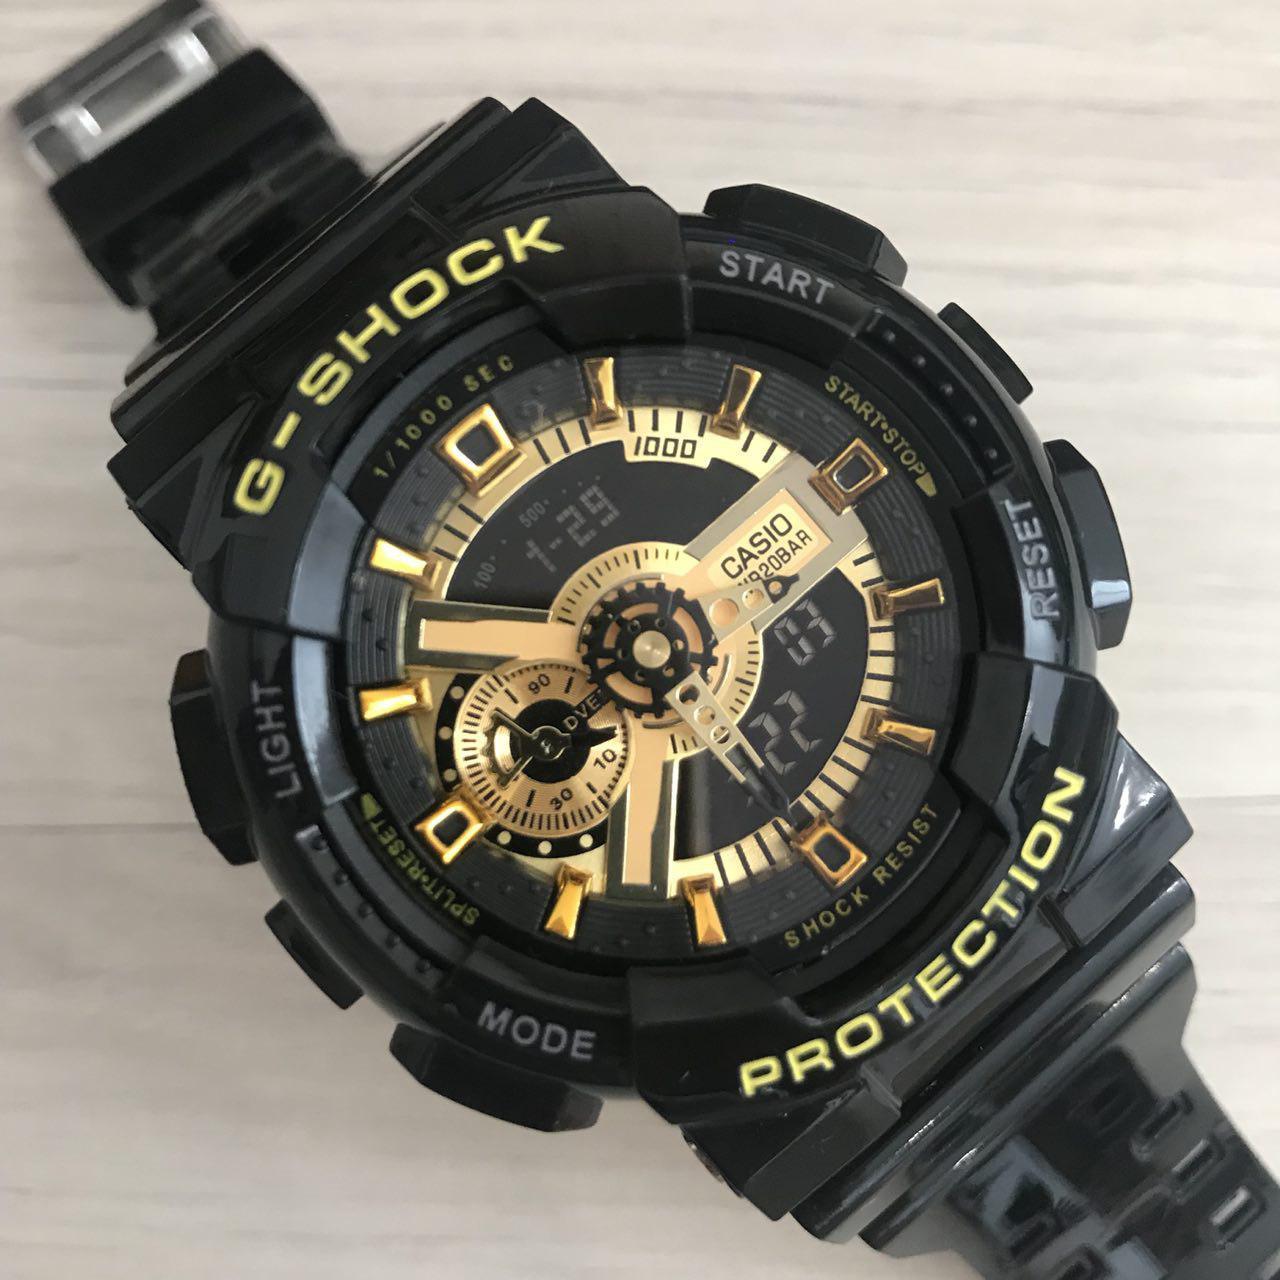 Электронные часы Casio G-Shock GA-110 Black-Gold New, спортивные часы Касио Джи Шок, реплика, отличное качество